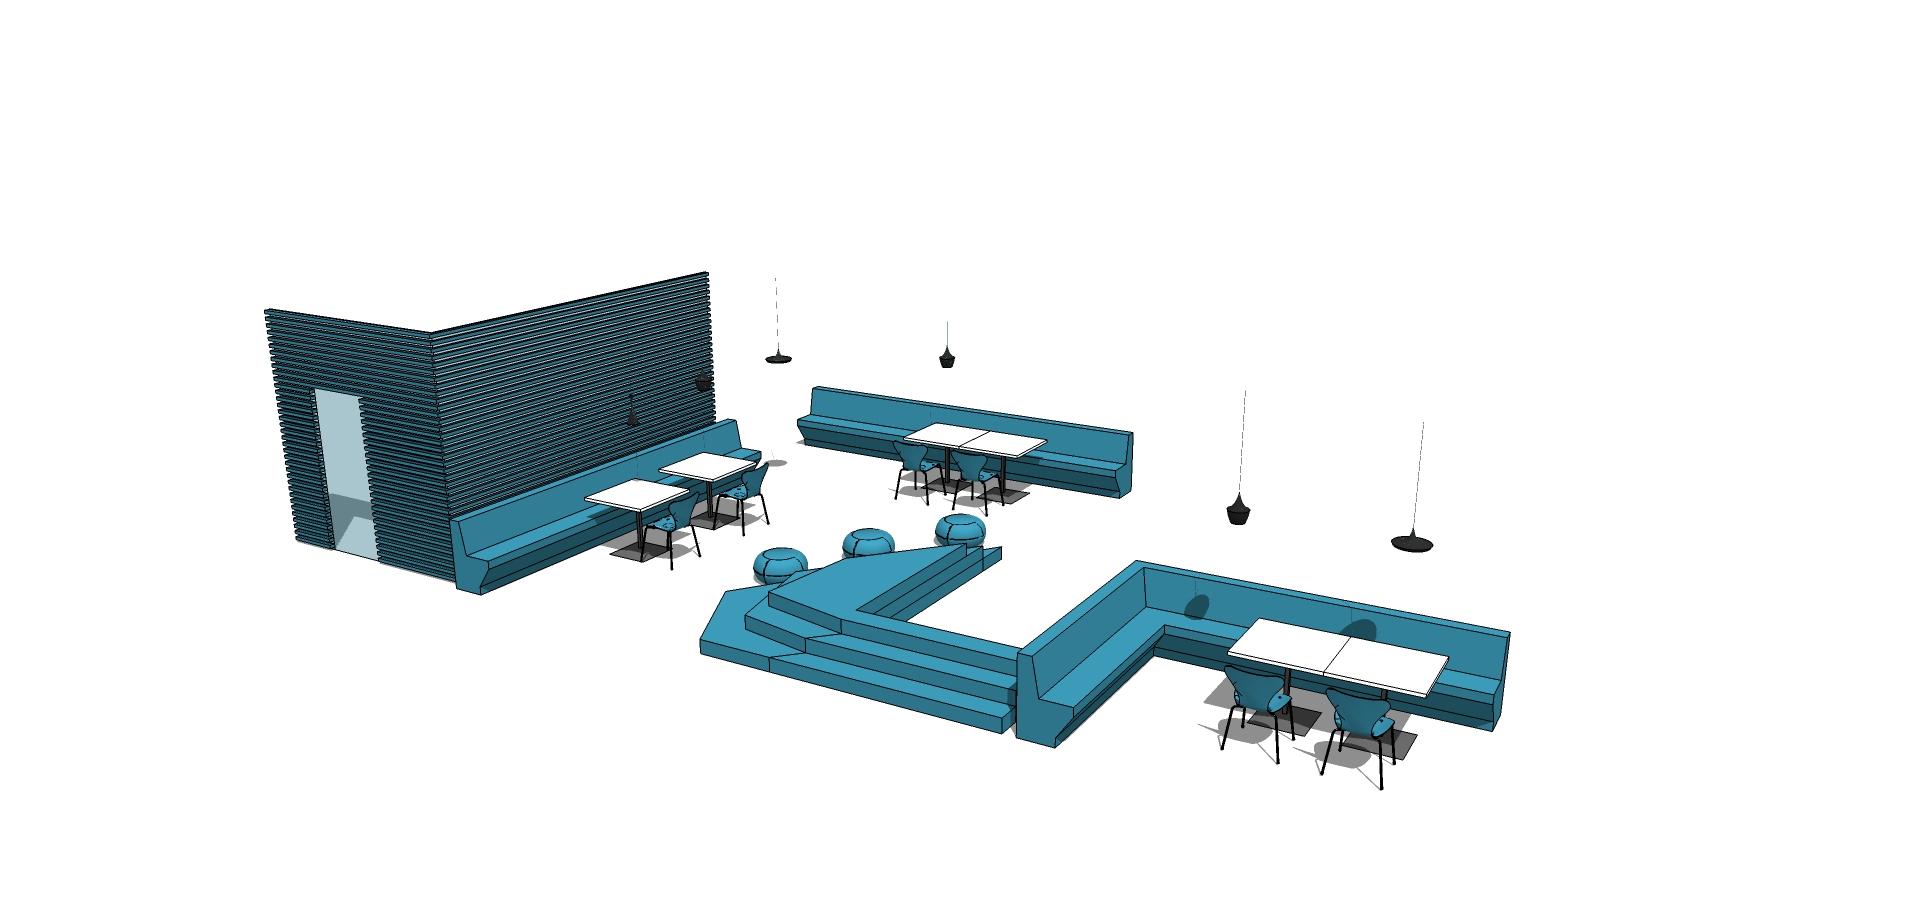 Vessel Diagram_Game Room Lounge.jpg